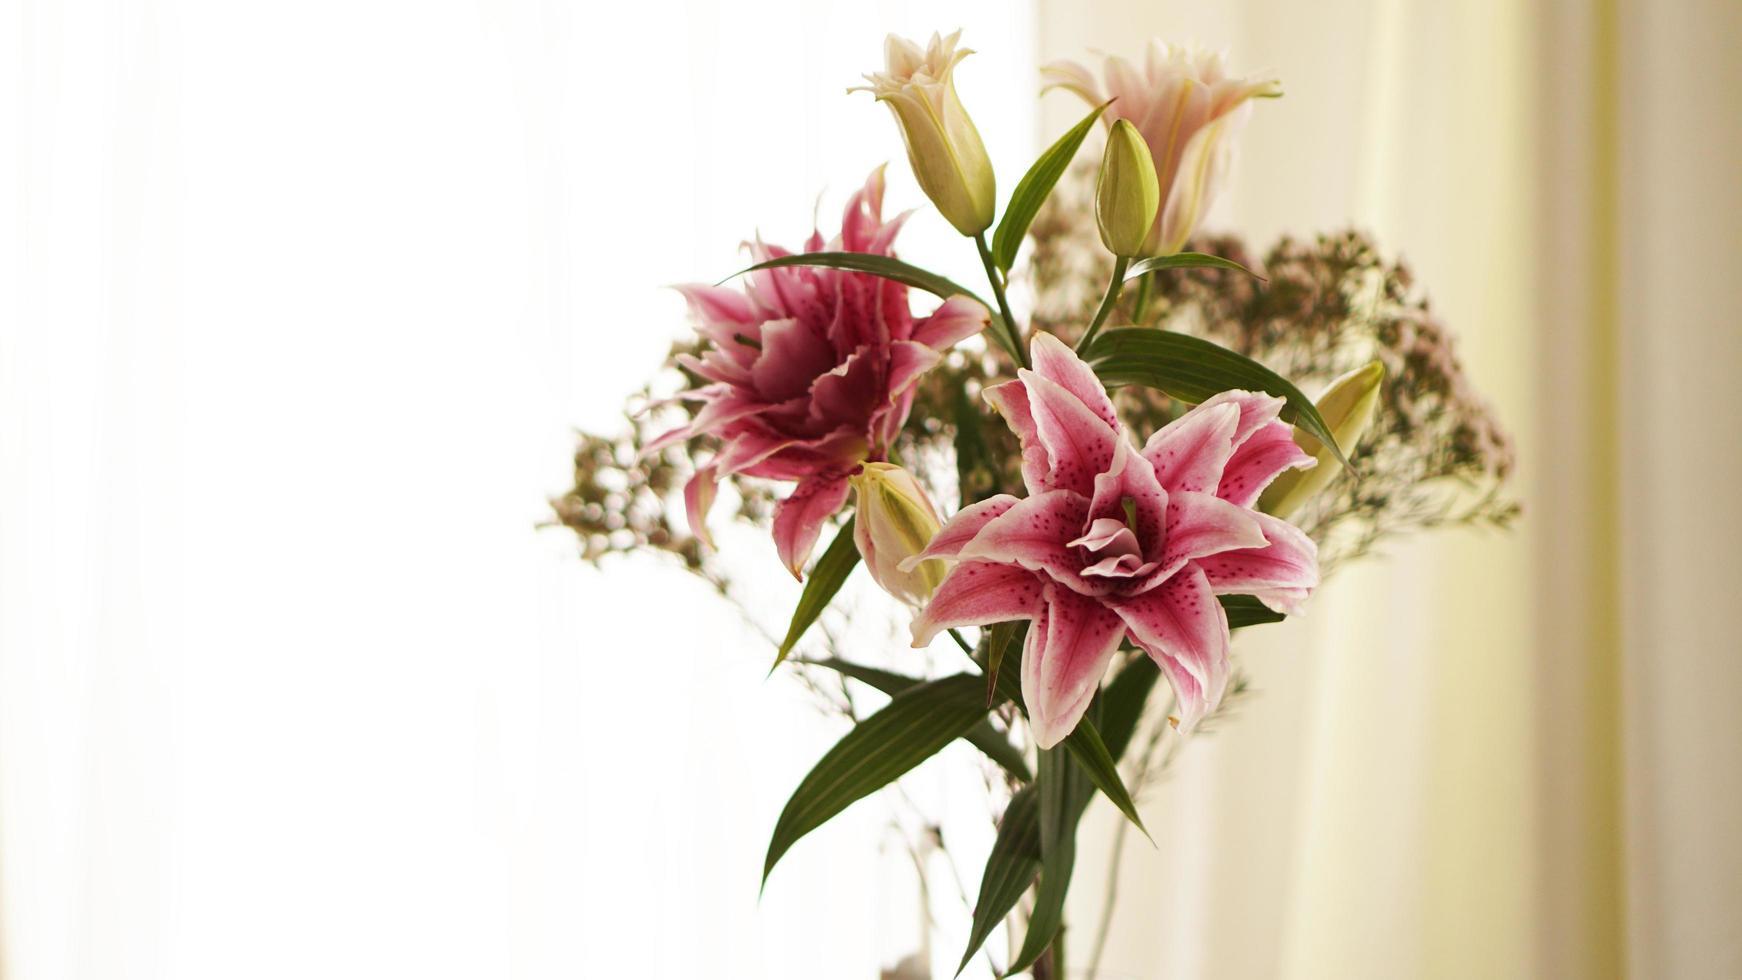 närbild av en rosa färsk lilja som blommar på sommaren foto